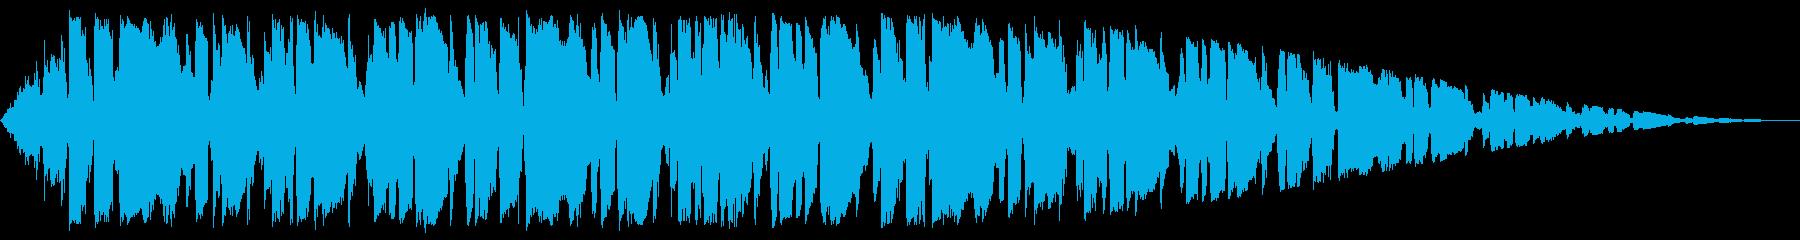 ほのぼの系ポップスインストの再生済みの波形